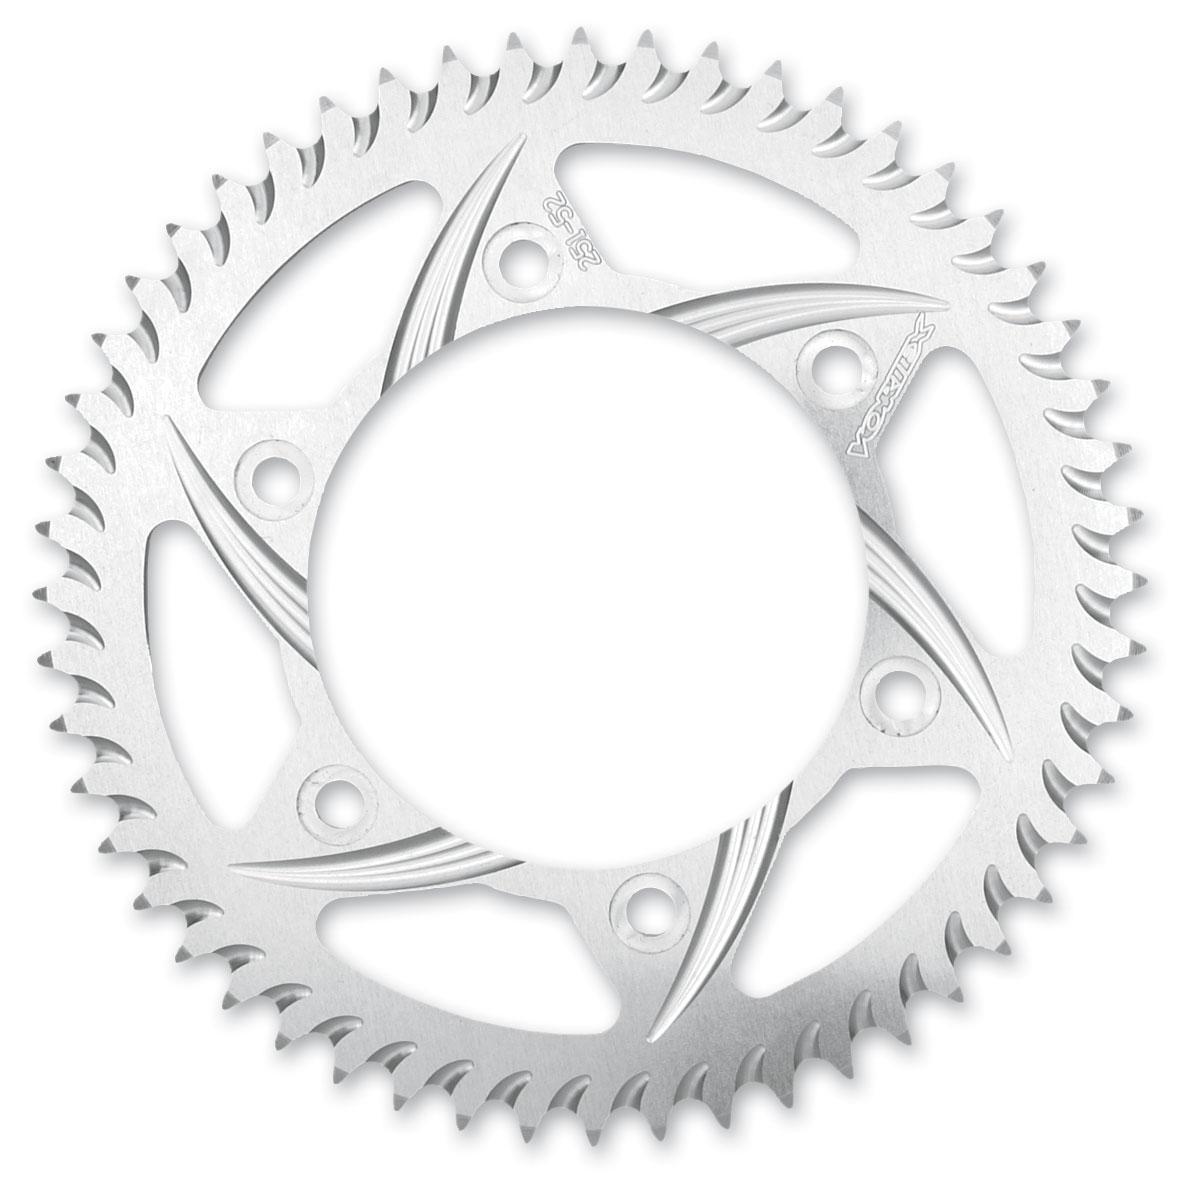 Vortex Rear Sprocket 520 Conversion 47T Silver